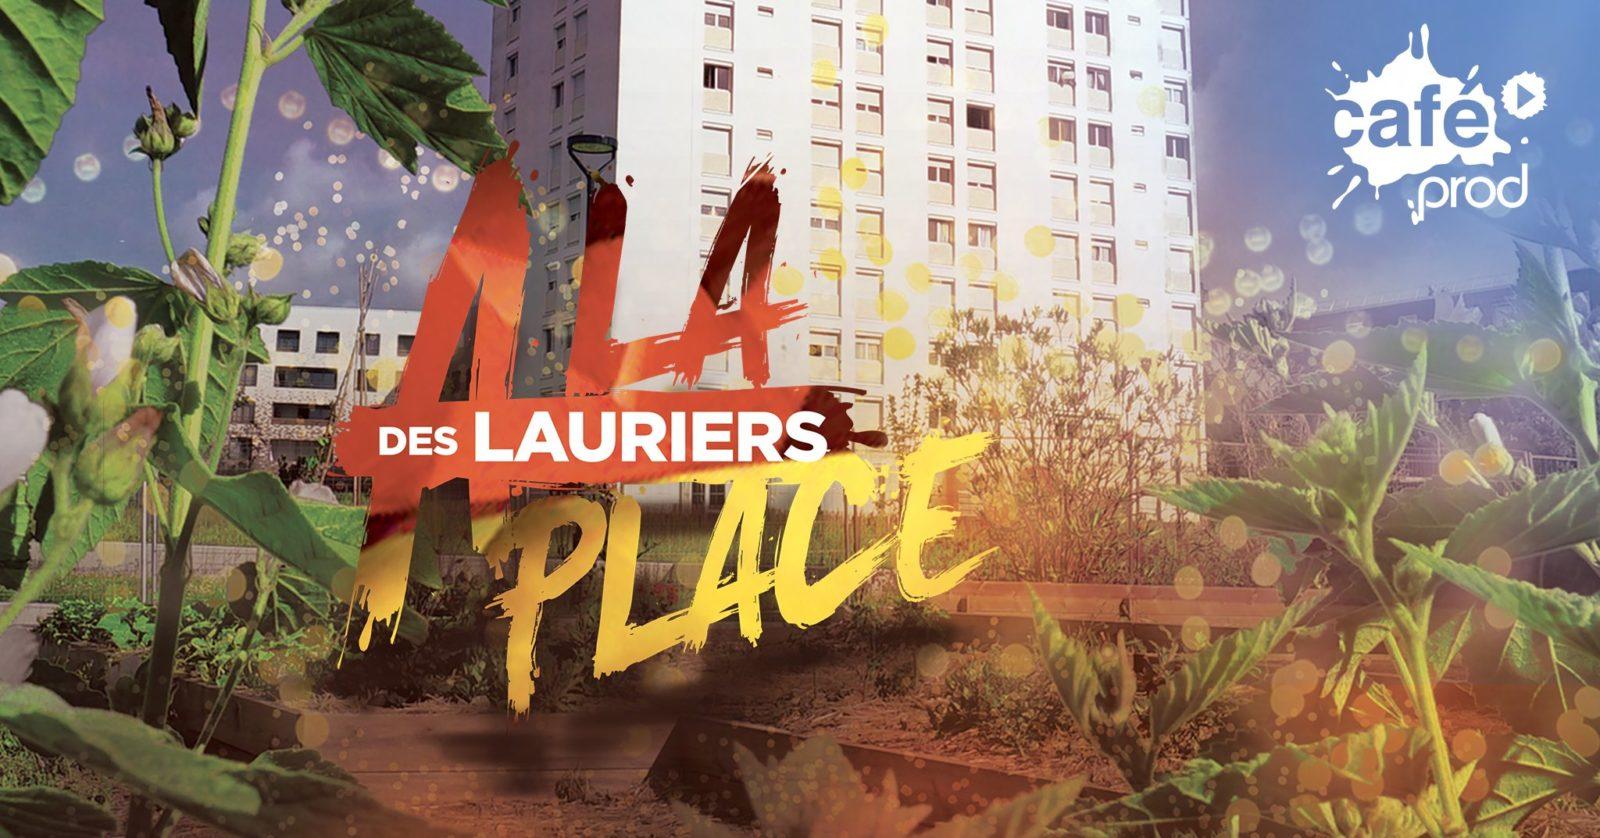 Place des Lauriers